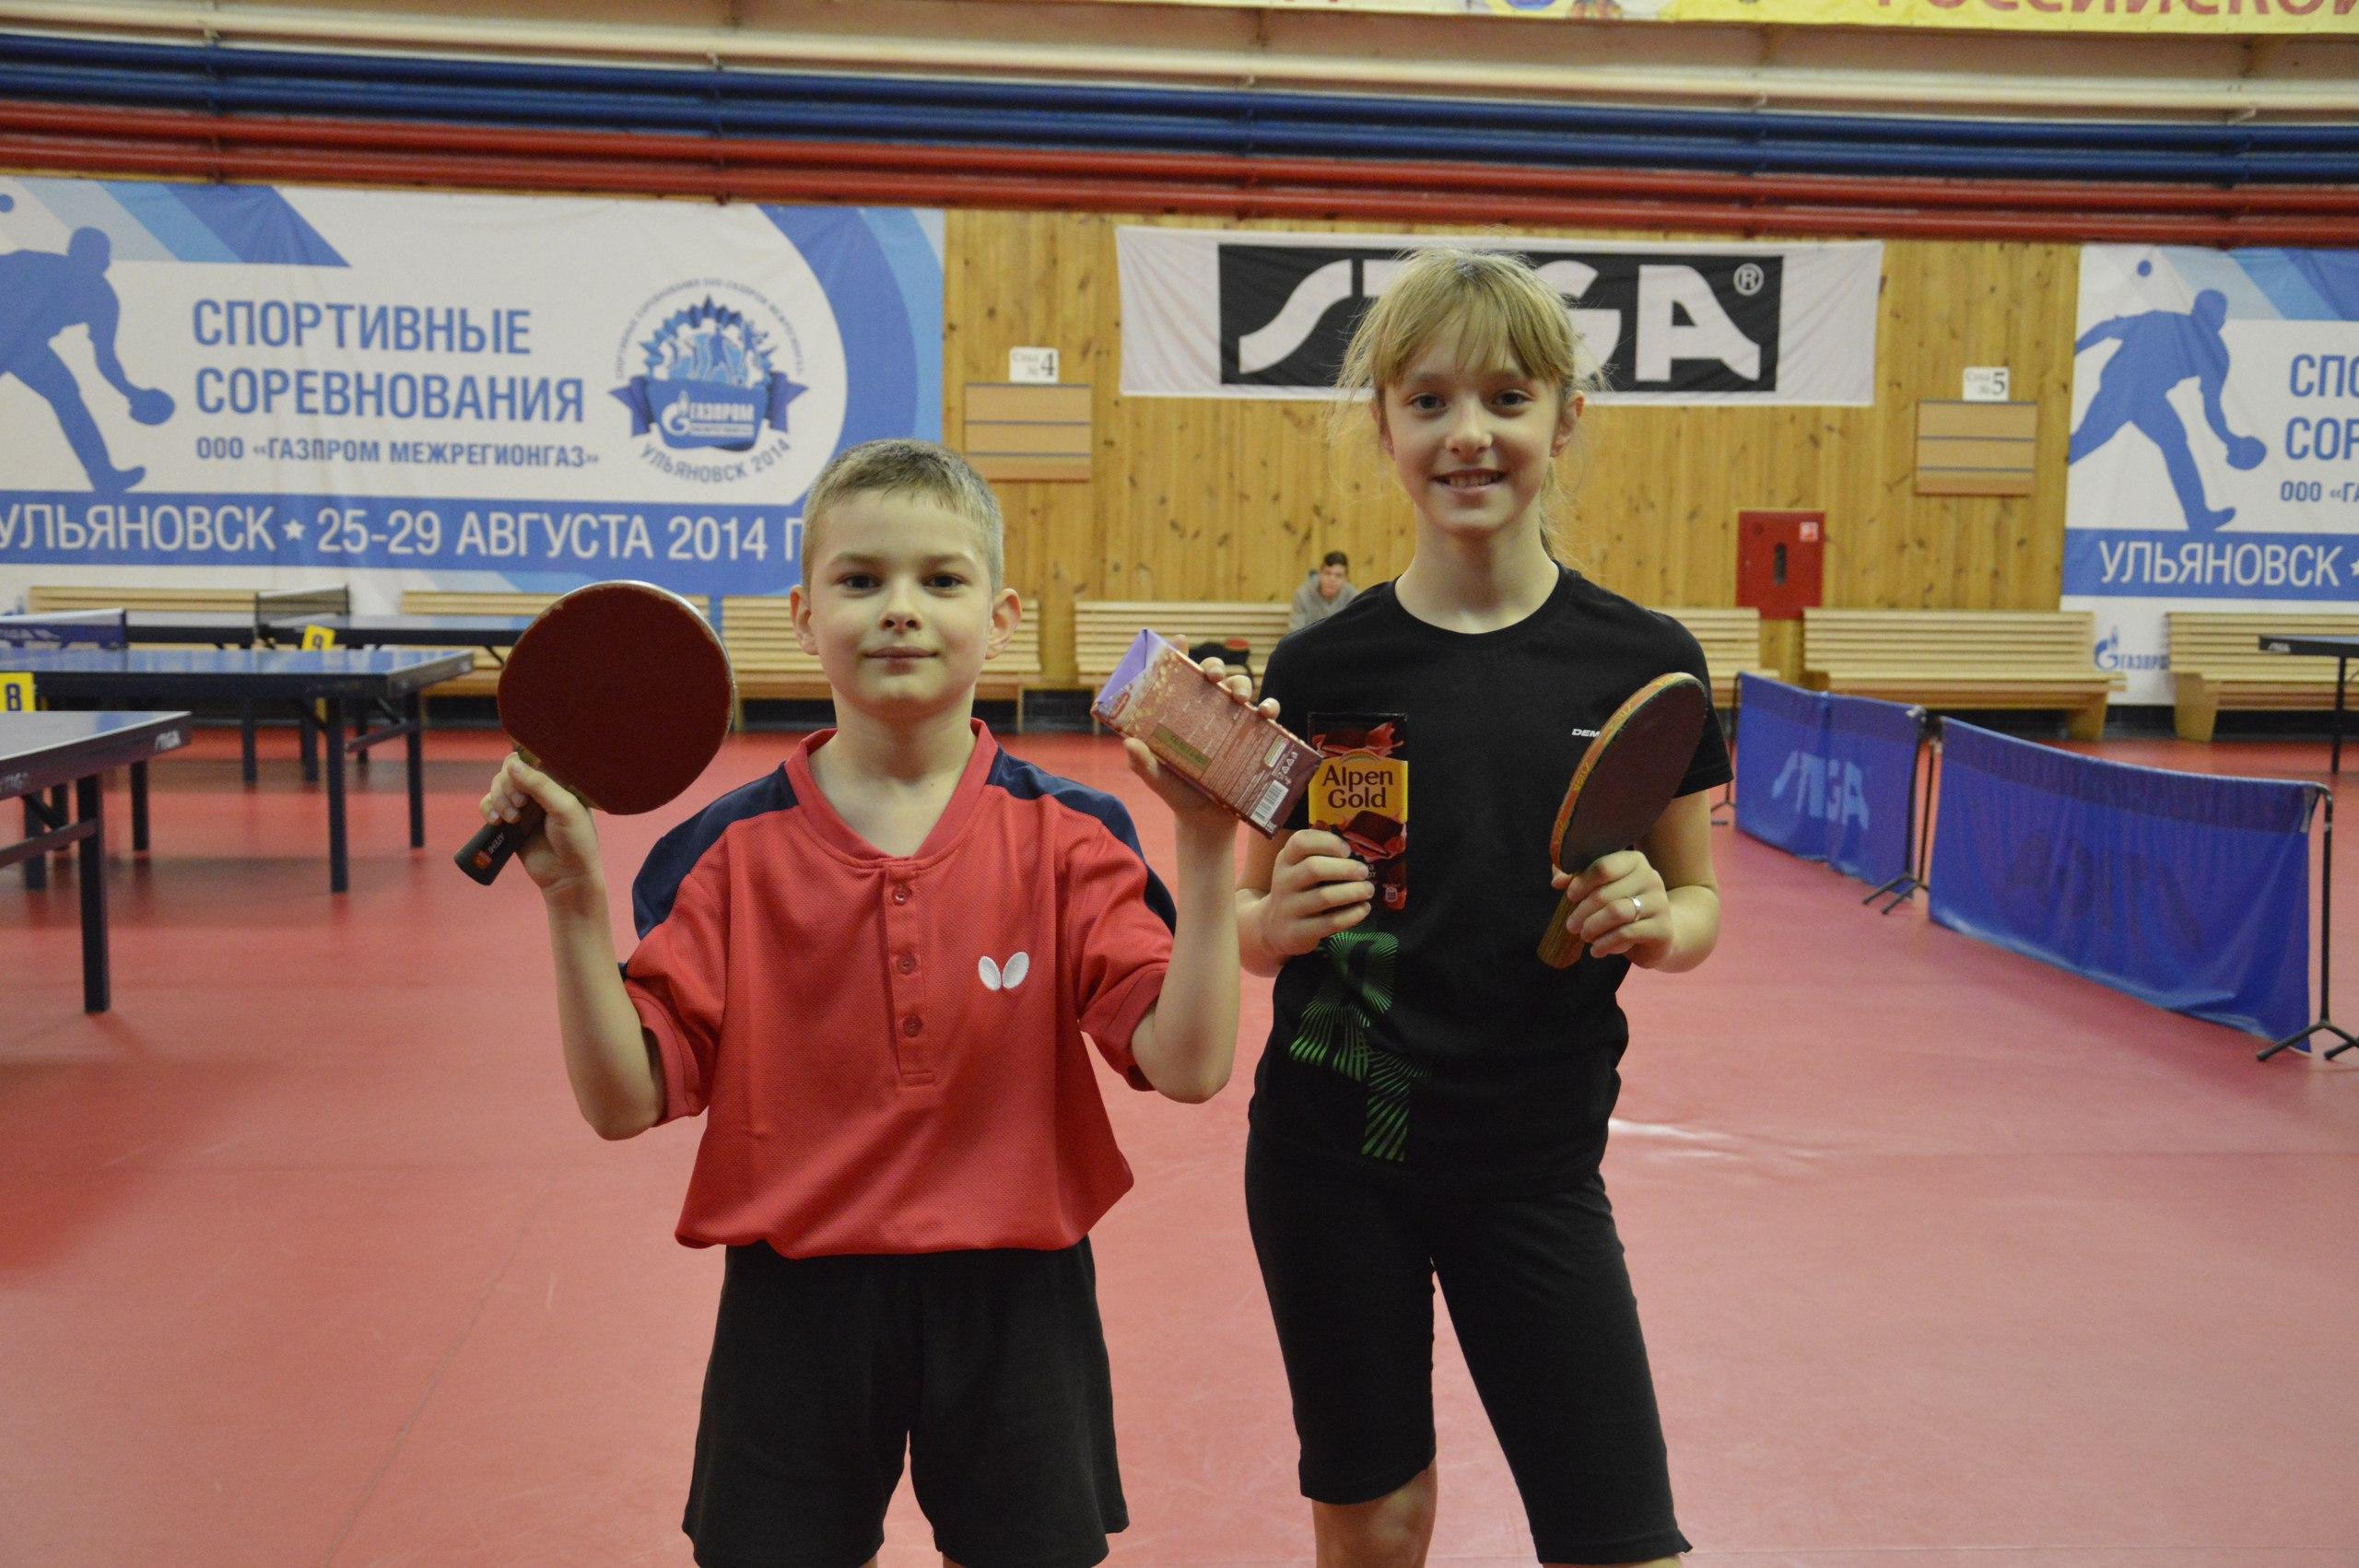 Чемпионат города Ульяновска среди школ